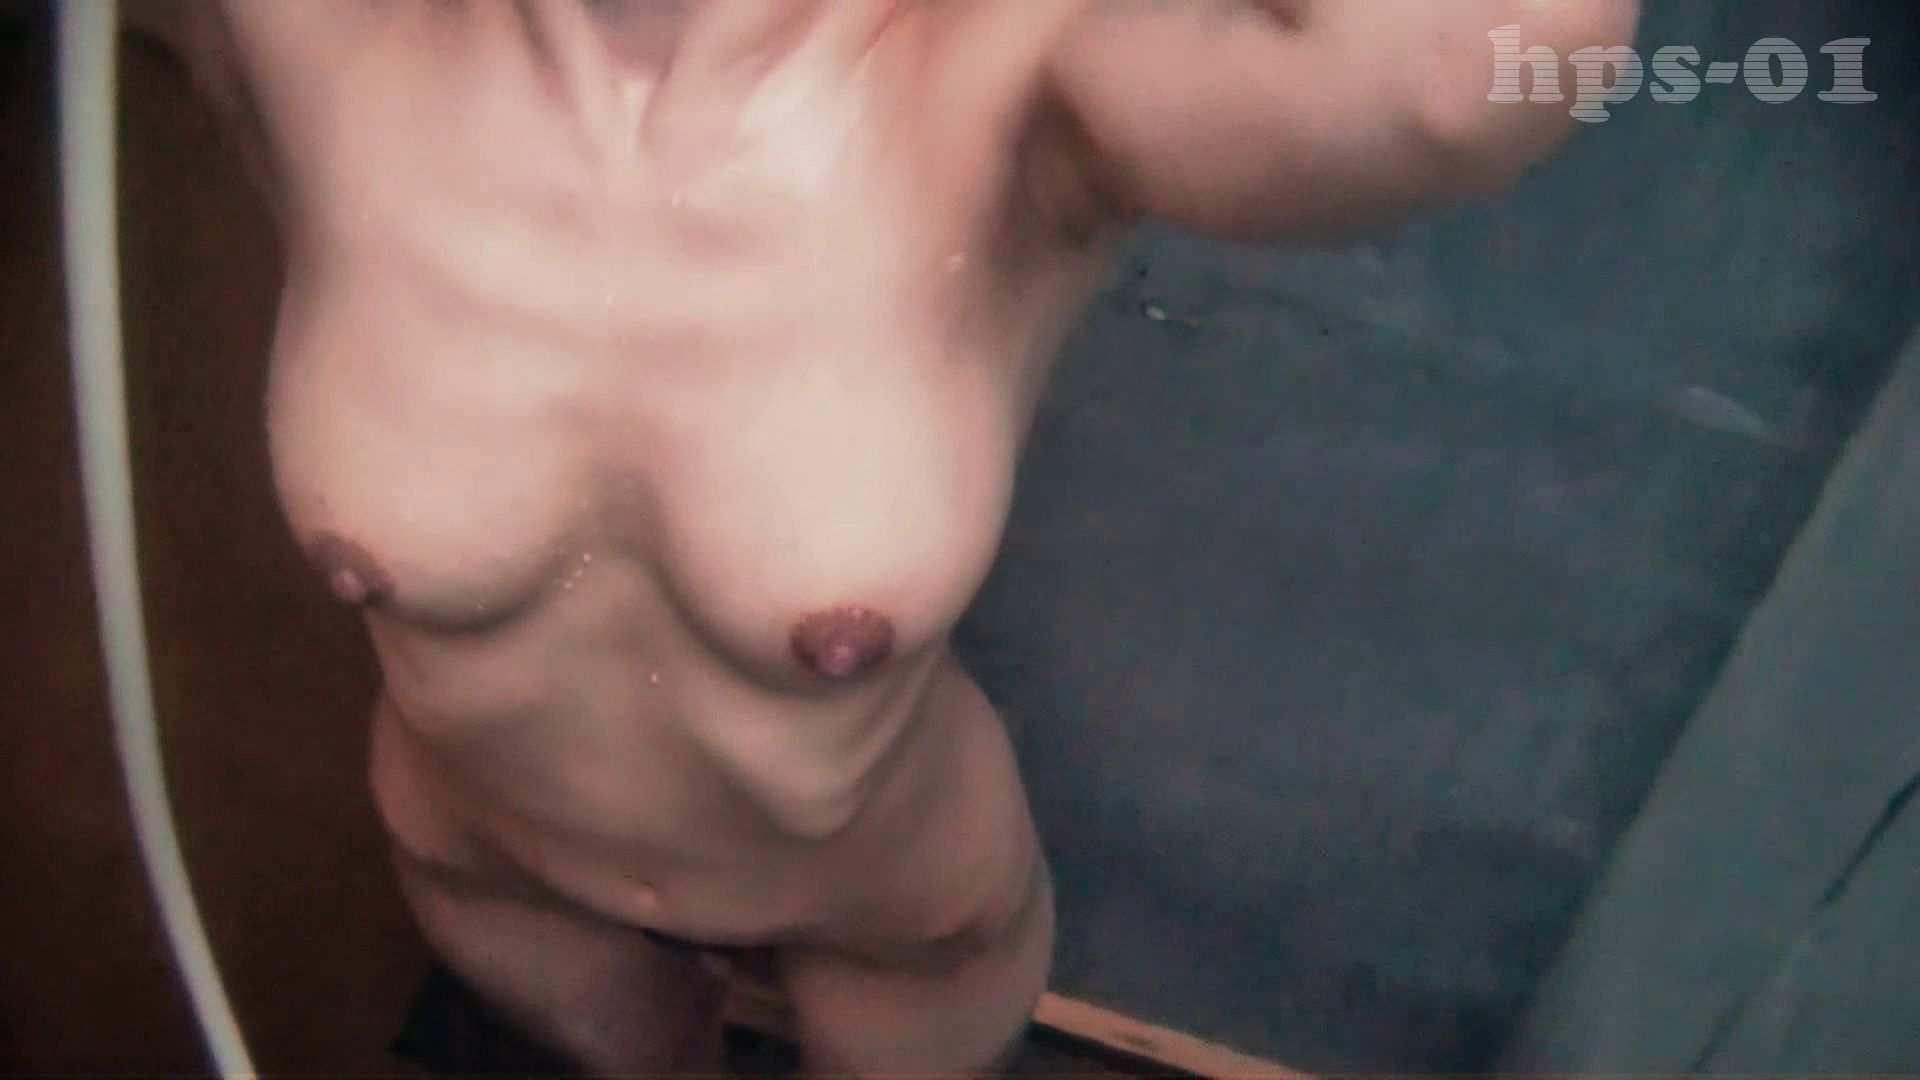 シャワールームは超!!危険な香りVol.1 この体で何人の男をだましてきたのでしょう! シャワー | 高画質  81pic 49